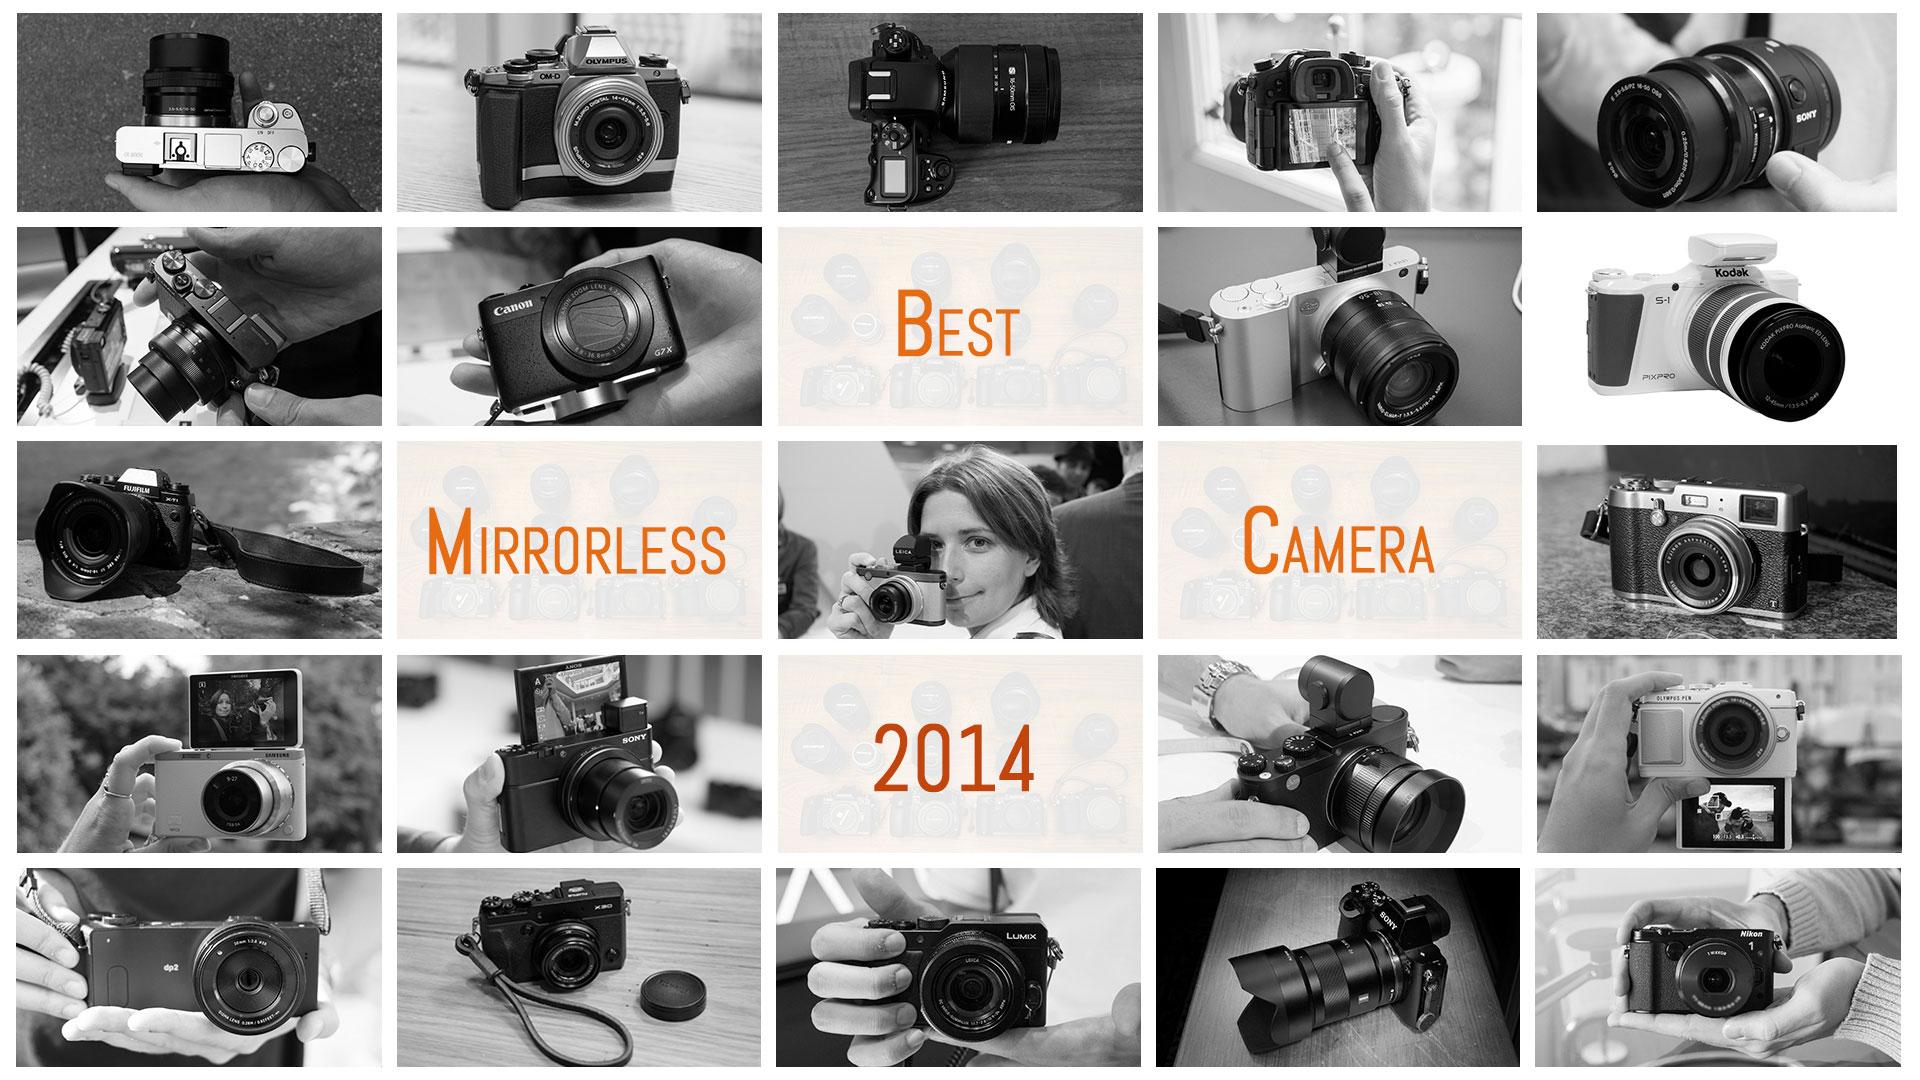 best mirrorless camera 2014